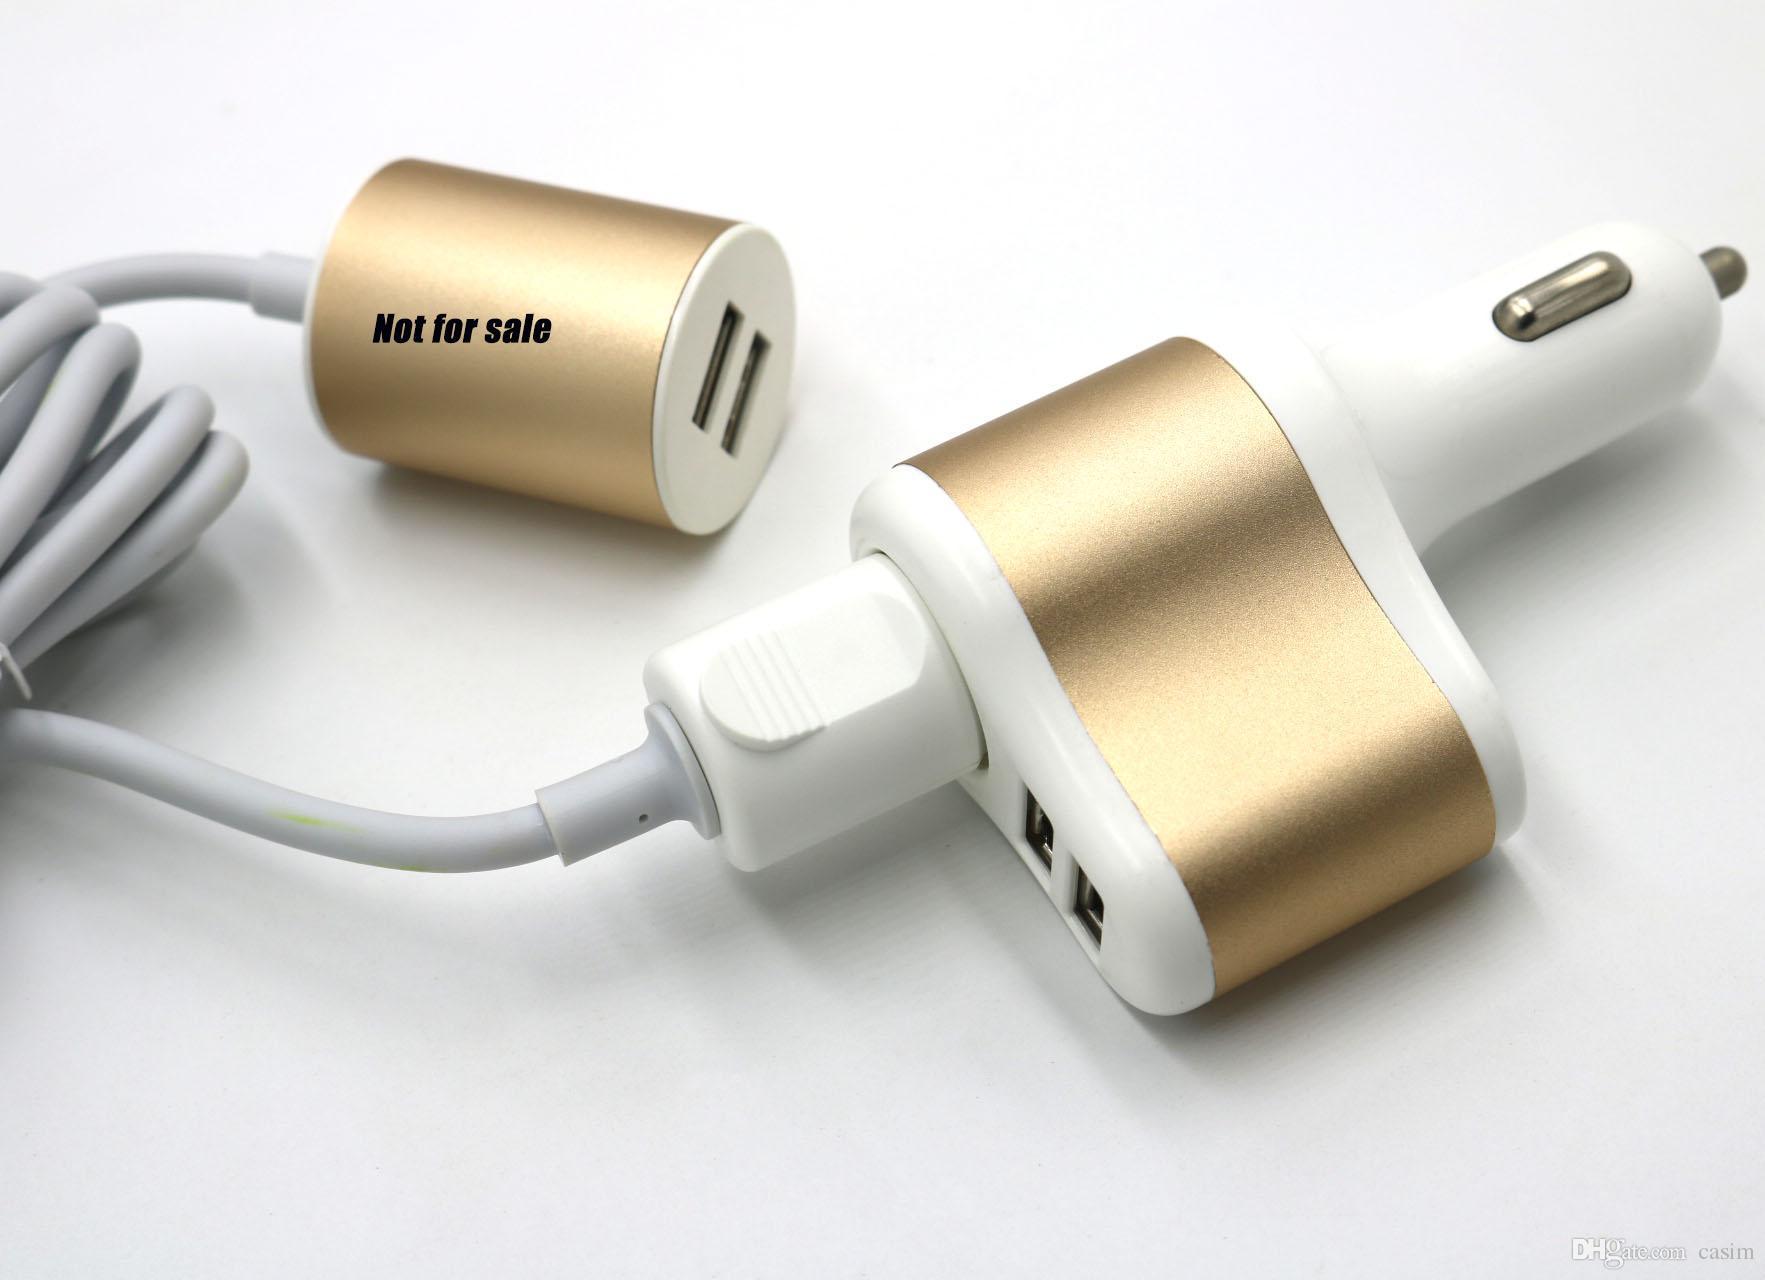 Yeni 3 in 1 Araç Şarj 2 USB Portu 1 Araç Şarj Portu 3.1A Çıkış Çift Usb Araba Hızlı Şarj Adaptörü